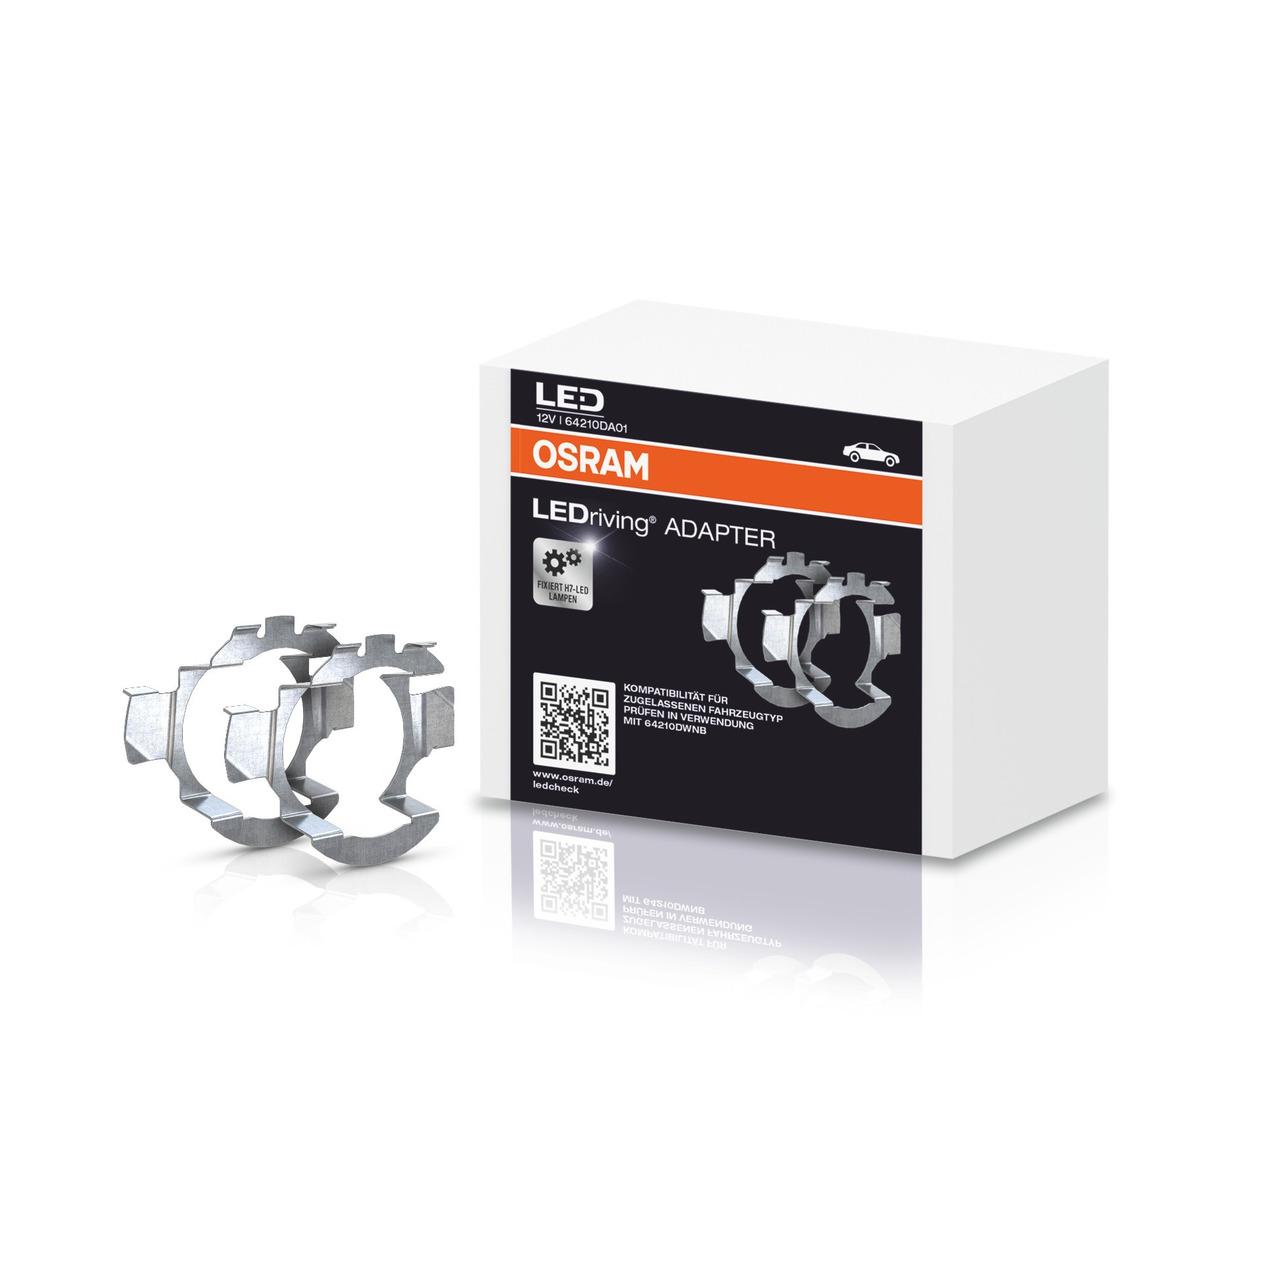 OSRAM LEDriving Adapter für H7-LED-Nachrüstlampe NIGHT BREAKER(R) LED